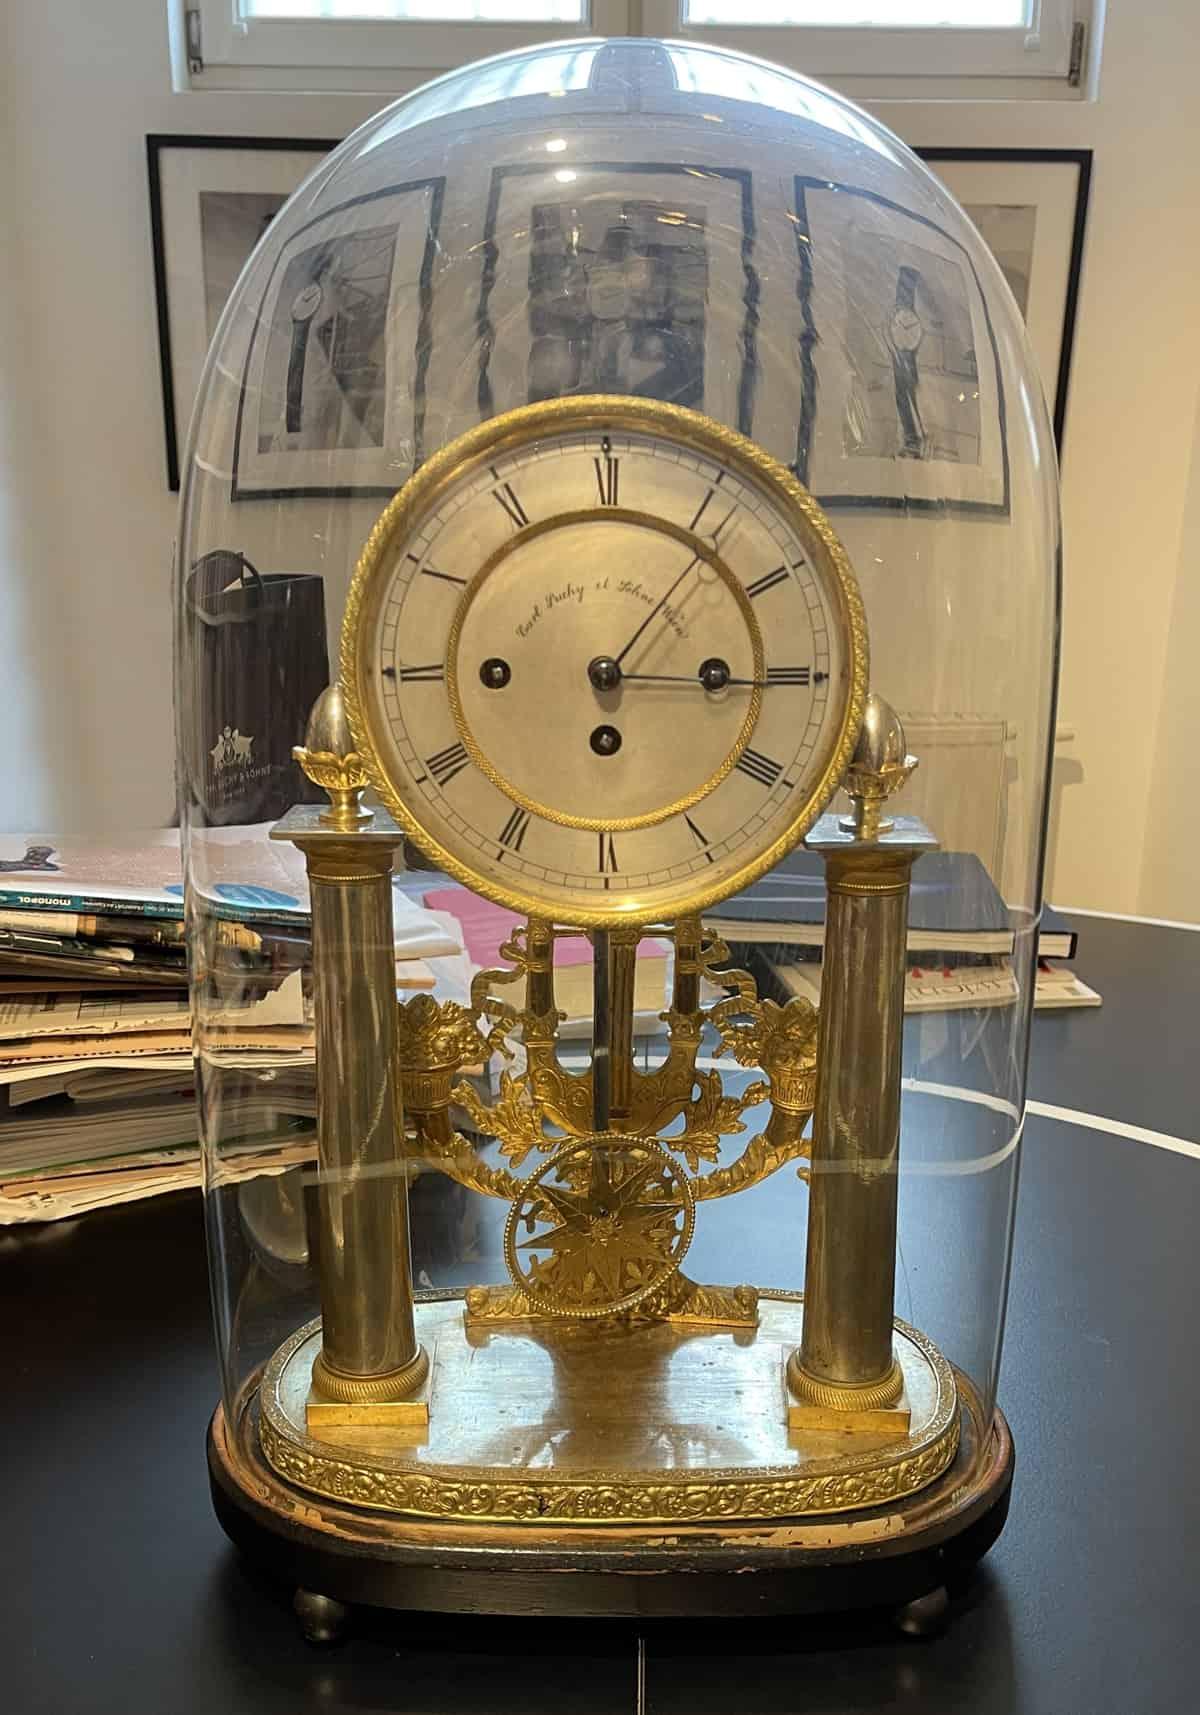 Historische Tischuhr von Carl Suchy & Söhne um 1870